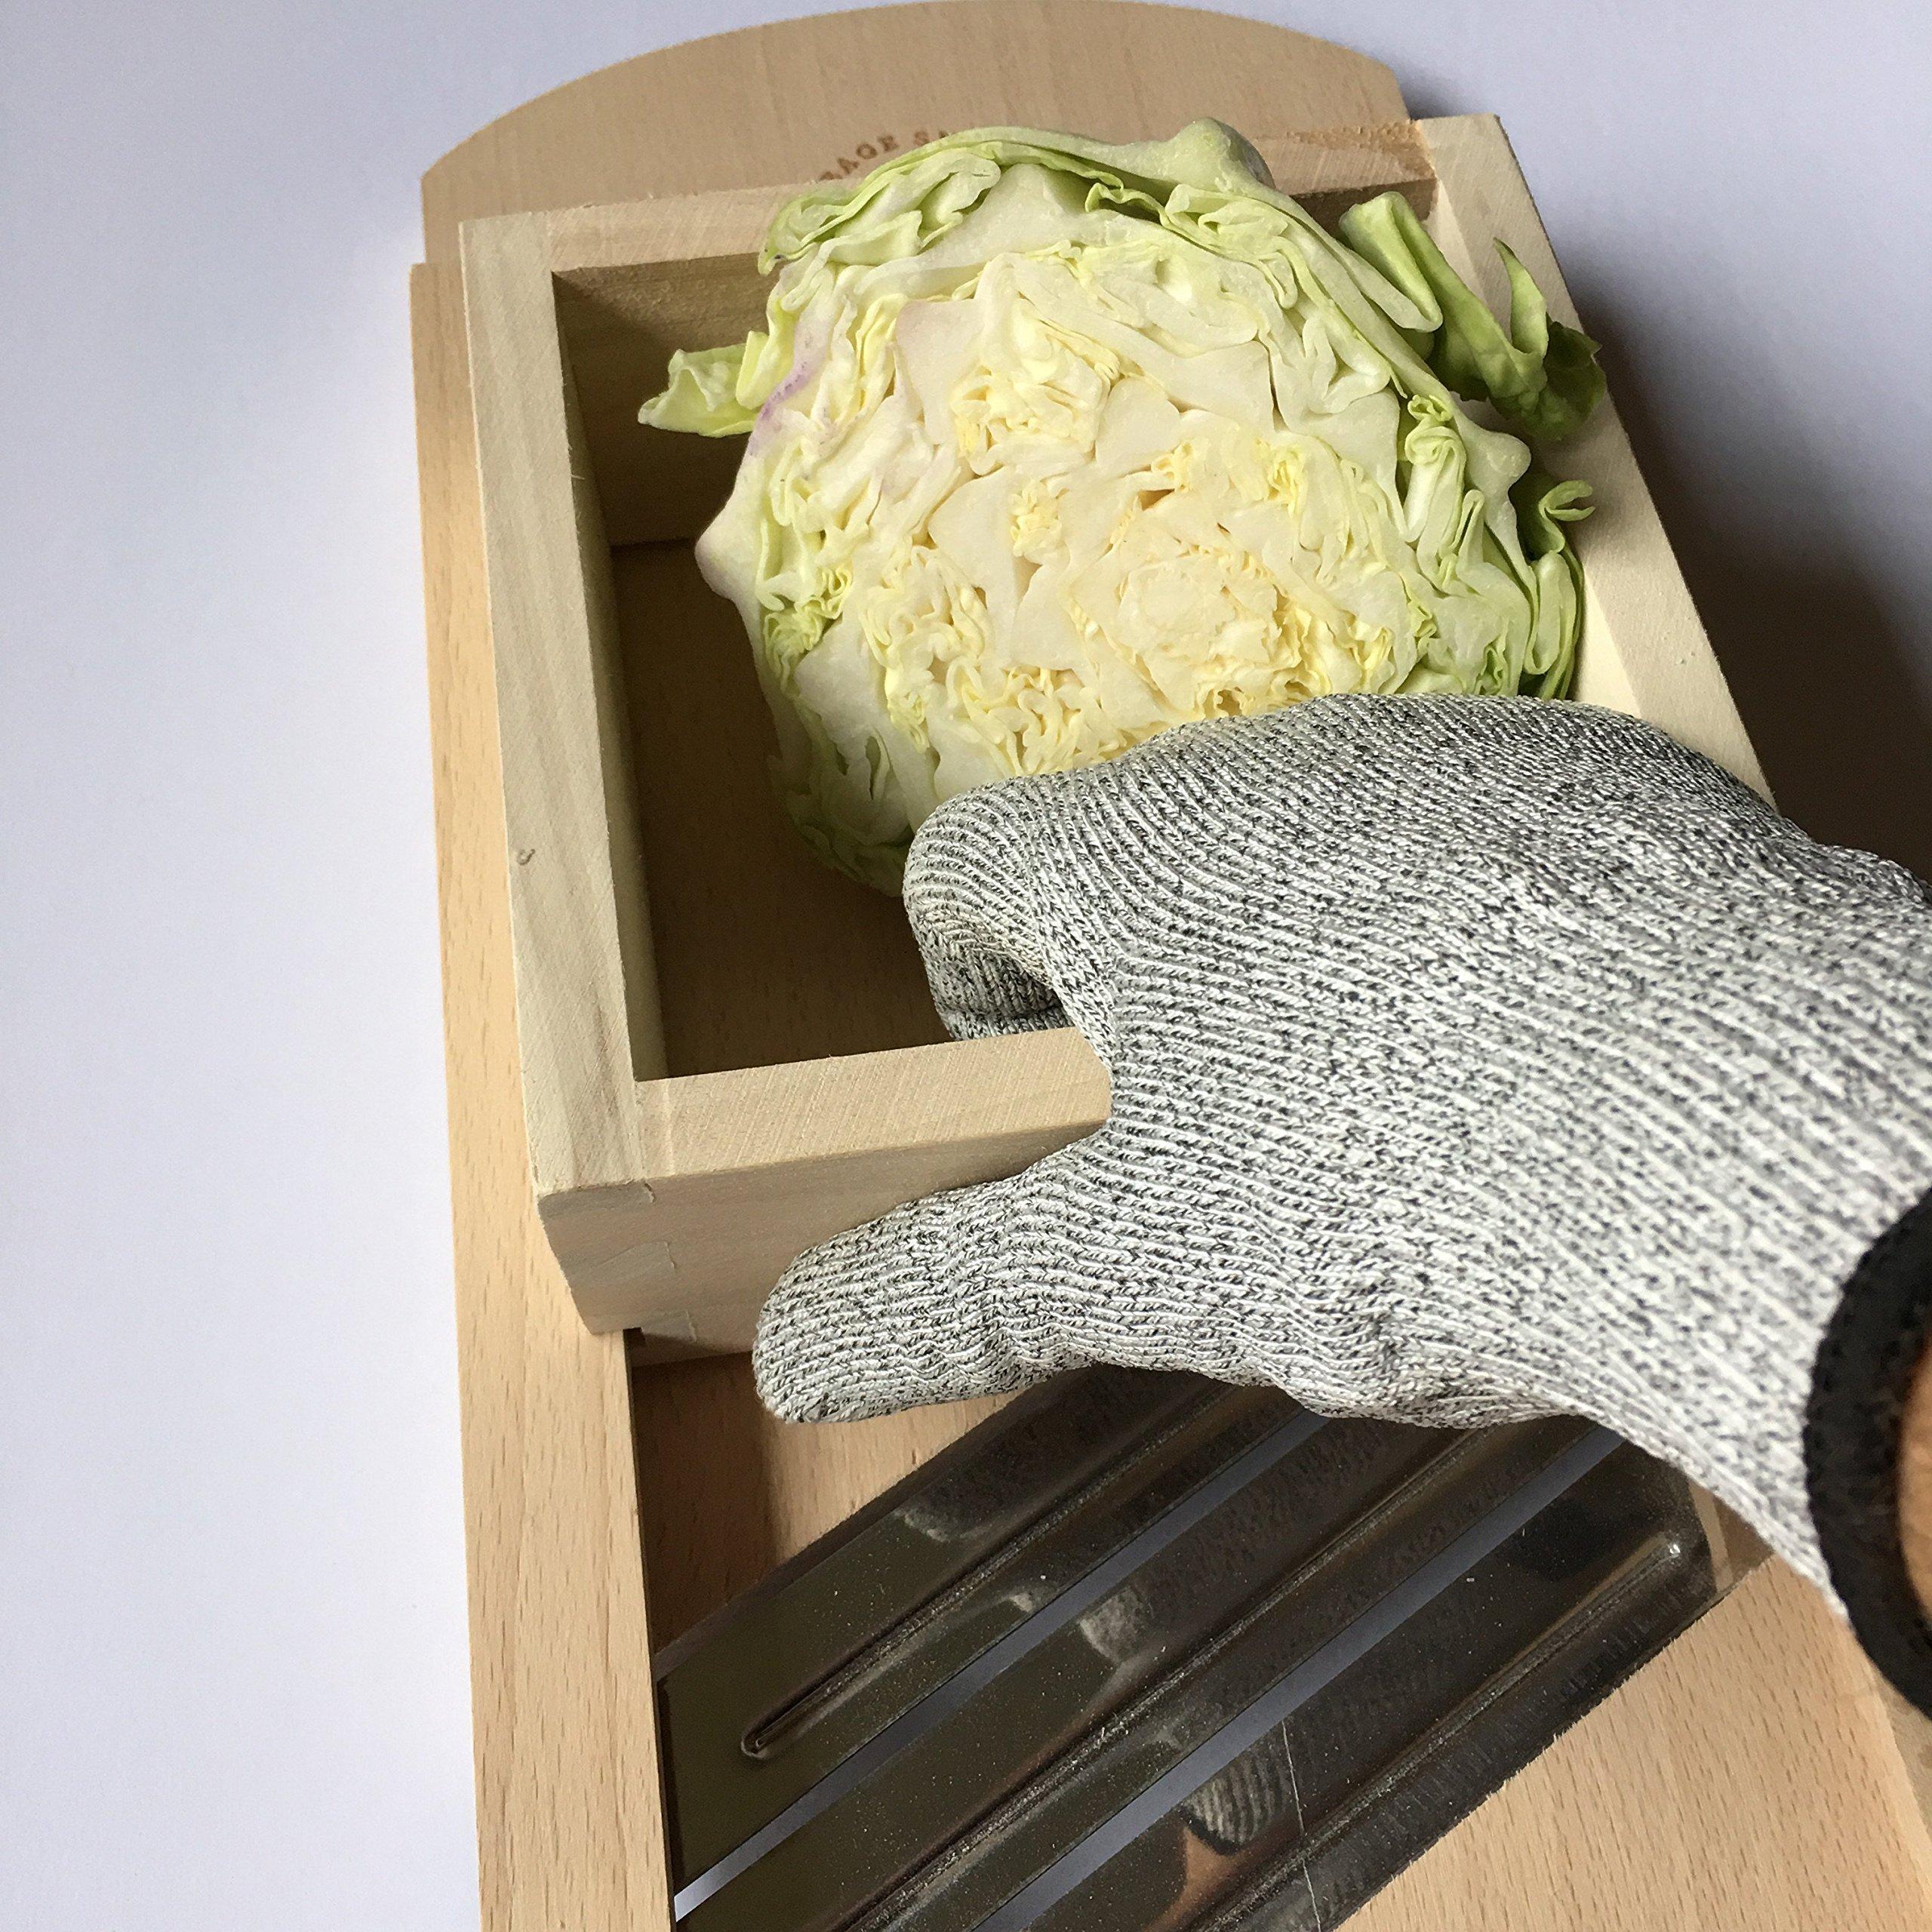 Cabbage Shredder & Slicer for Finely Cut Sauerkraut & Other Vegetables. by CabbageShredder.com (Image #4)